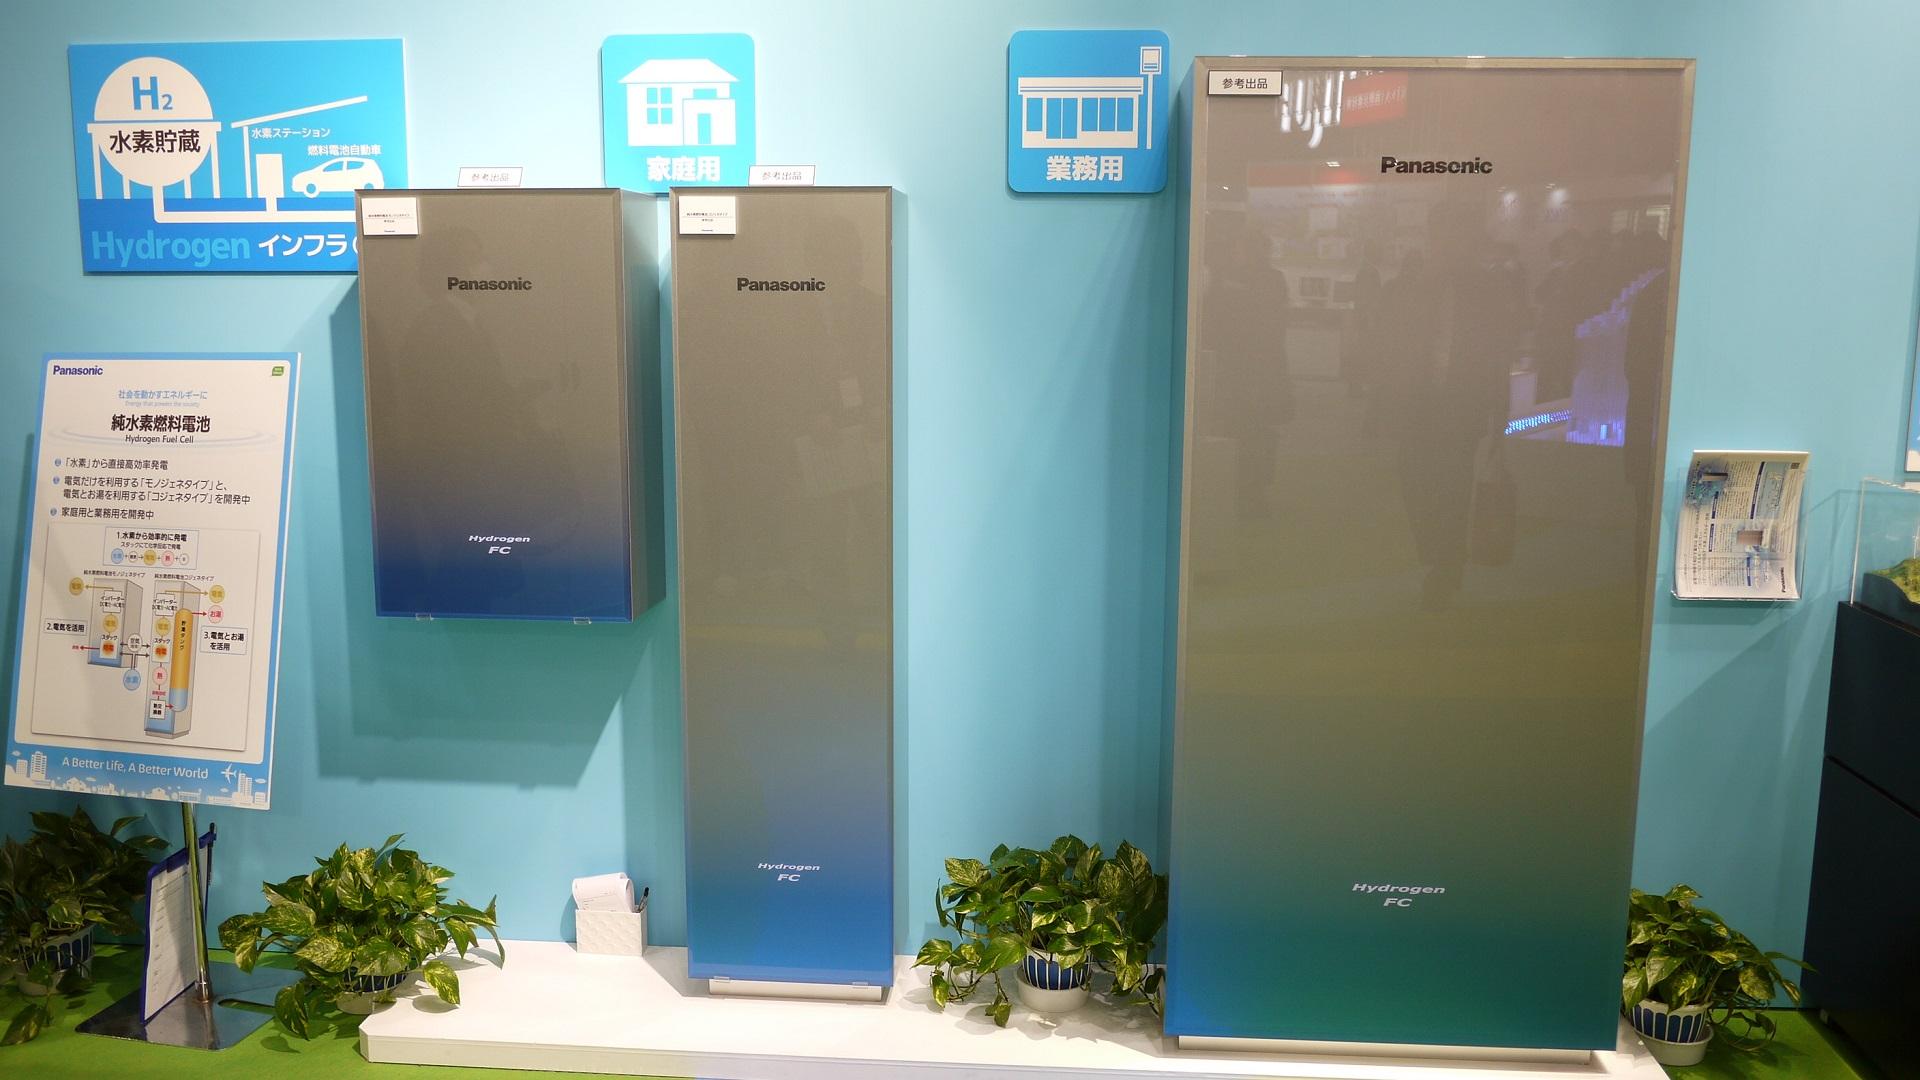 Panasonic quiere ser pionero en el hidrógeno como lo ha sido en baterías eléctricas